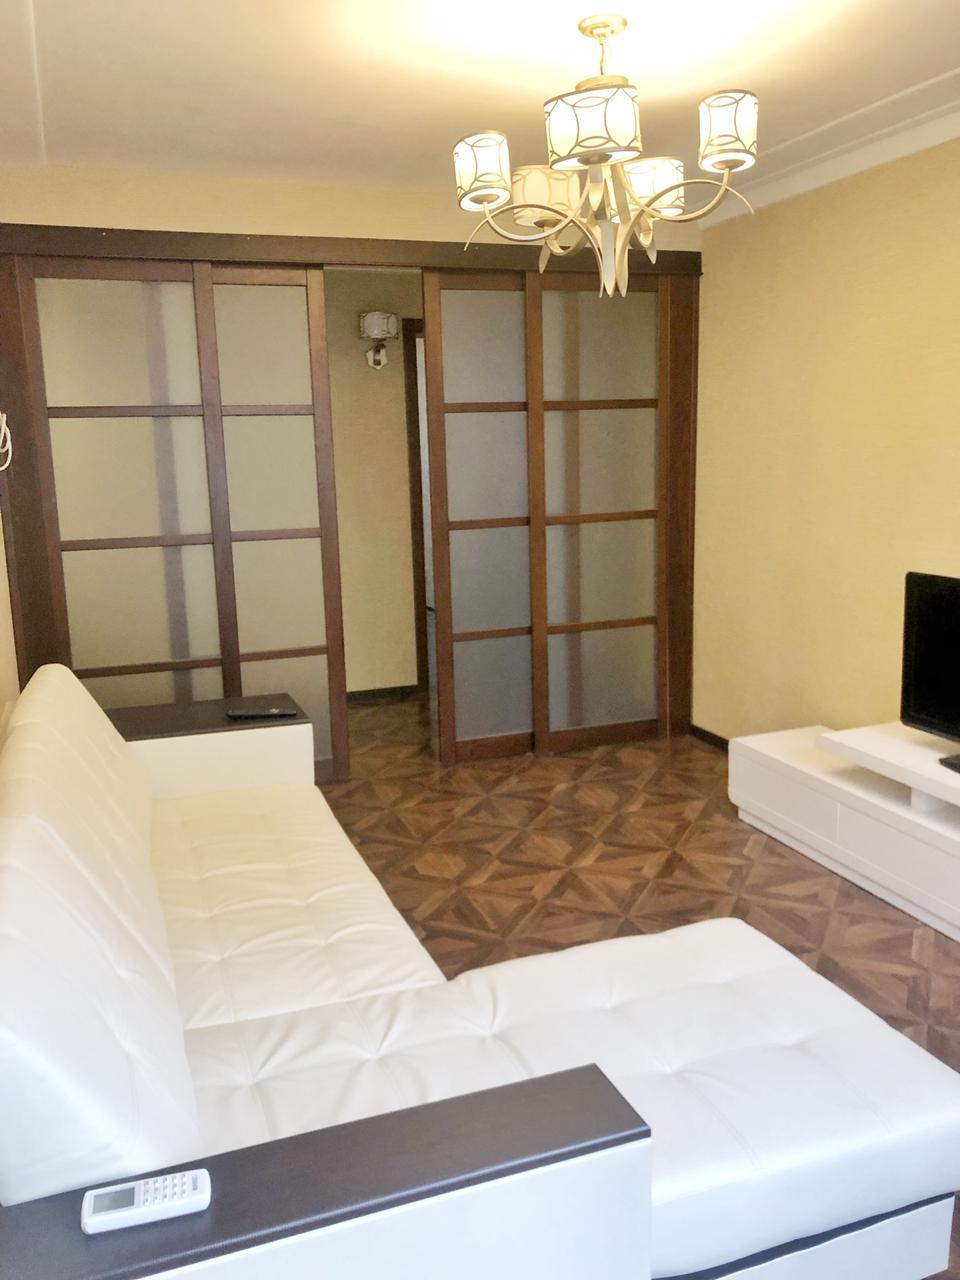 Продам - квартира на Мамайке -Крымская  - цена: 7400000